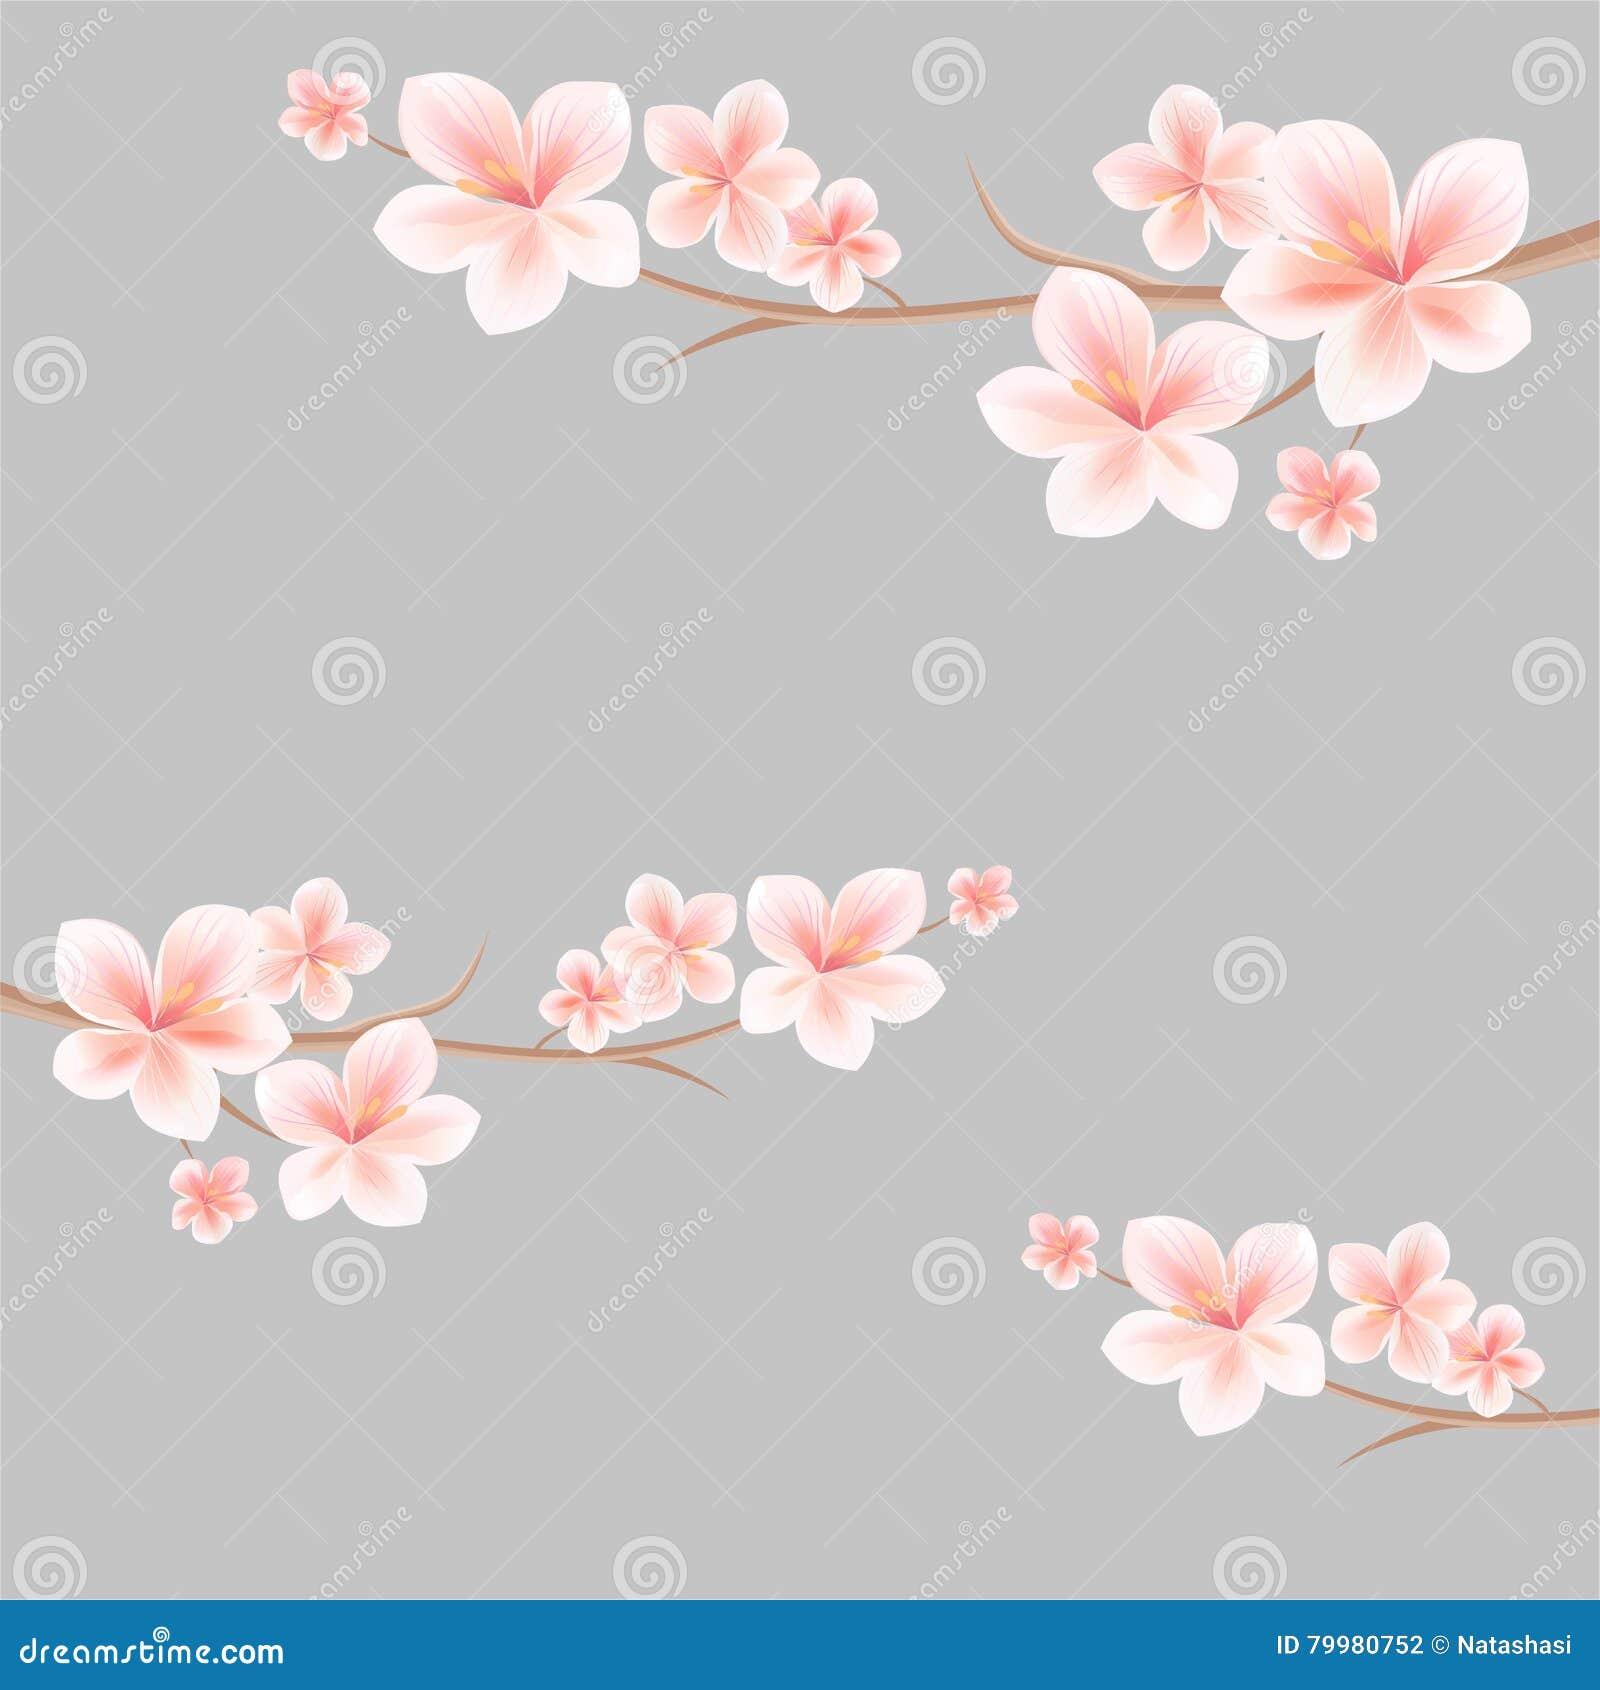 Rami di sakura con i fiori bianchi rosa-chiaro su fondo grigio chiaro fiori dell Apple-albero Cherry Blossom Vettore